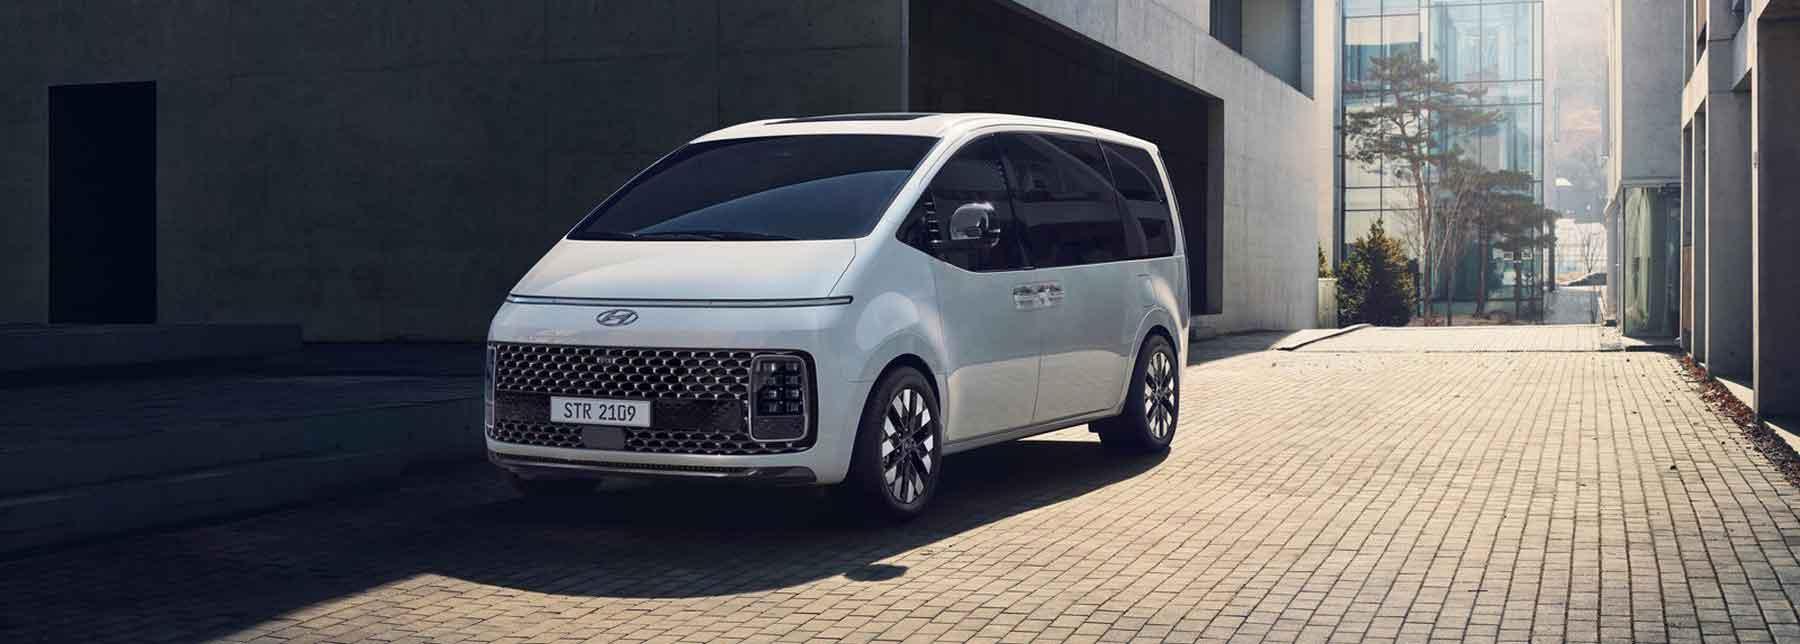 Hyundai Staria makes global debut